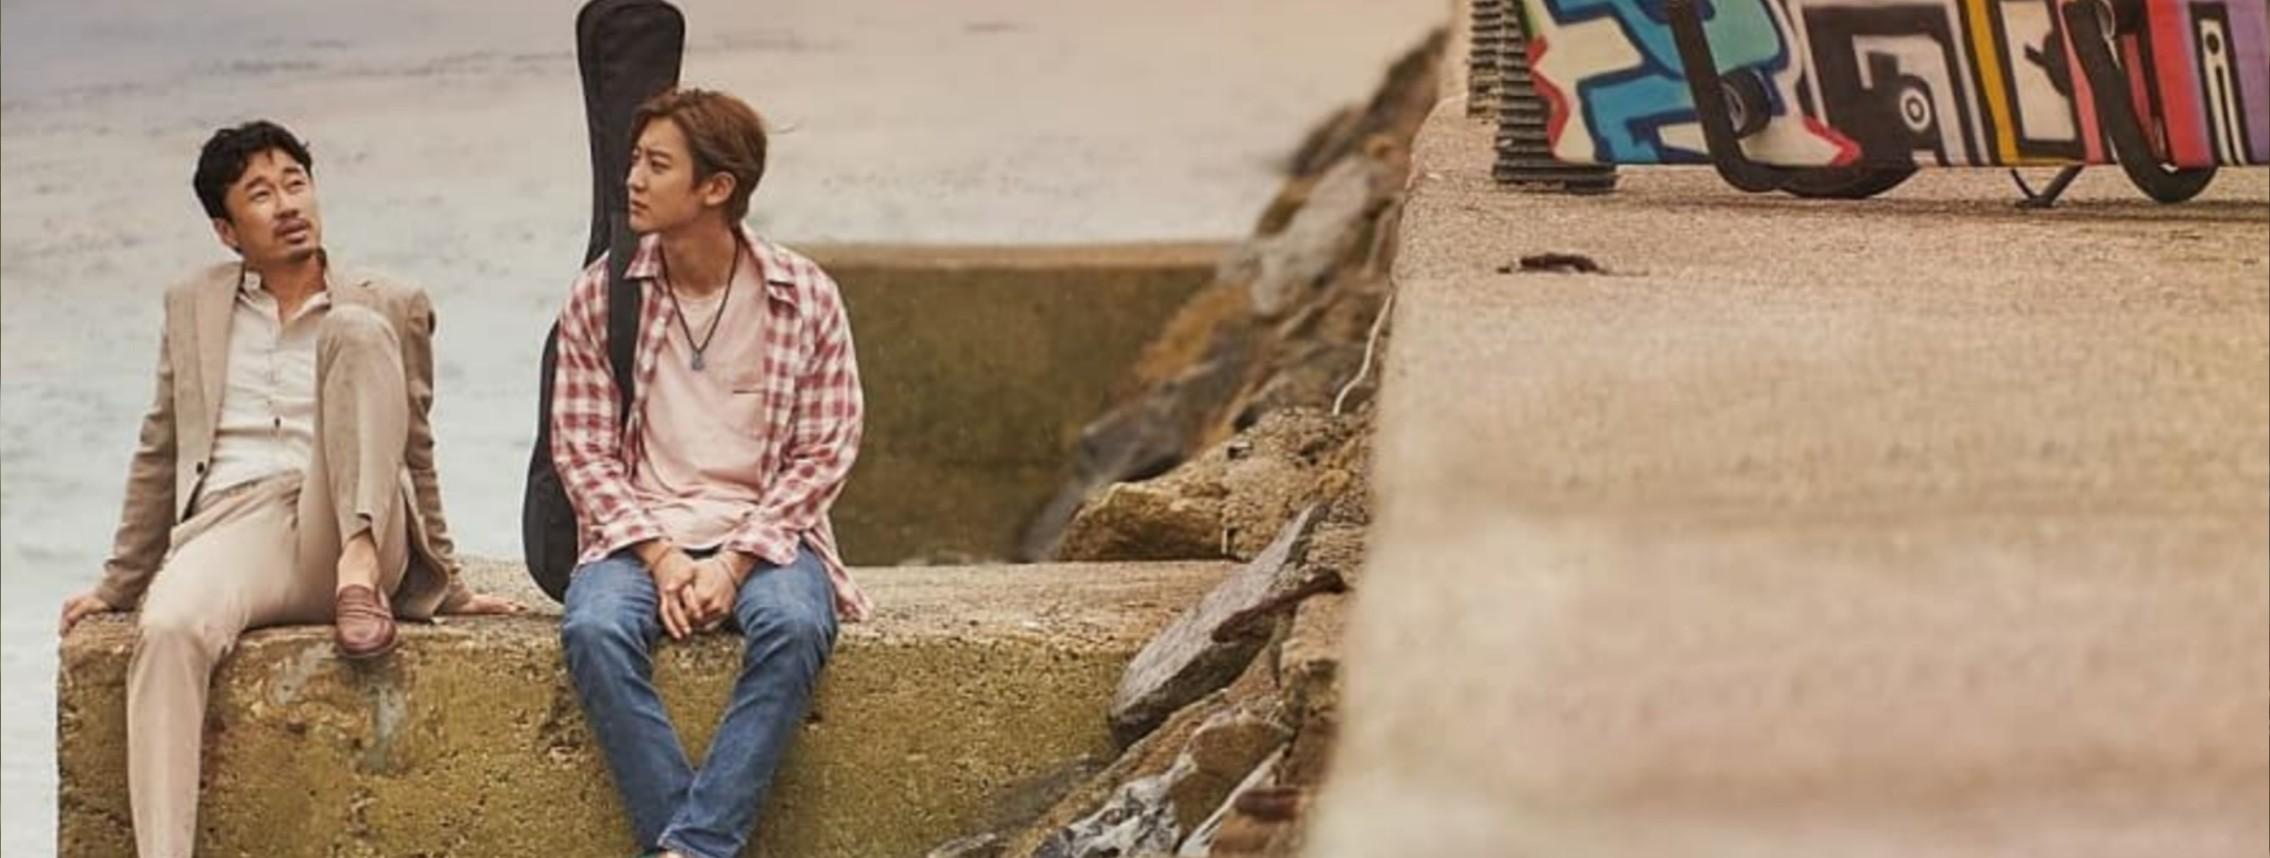 Minsoo e Jihoon estão sentados em uma sustentação de concreto em cima do mar. Minsoo, a esquerda, está com as mãos apoiando o corpo e o pé esquerdo em cima do concreto. Ele usa um terno bege, uma camisa social branca por baixo e um sapato social marrom. Jihoon, à direita, usa um colar, camisa xadrez branca e vermelha, uma camiseta branca por baixo, calça jeans e um tênis verde. Em seu ombro direito está pendurada a alça de um estojo de violão. Mais para a direita da imagem é possível ver uma estrada também de concreto e a caixa colorida que eles utilizam durante o filme. Ao fundo é possível ver o mar.